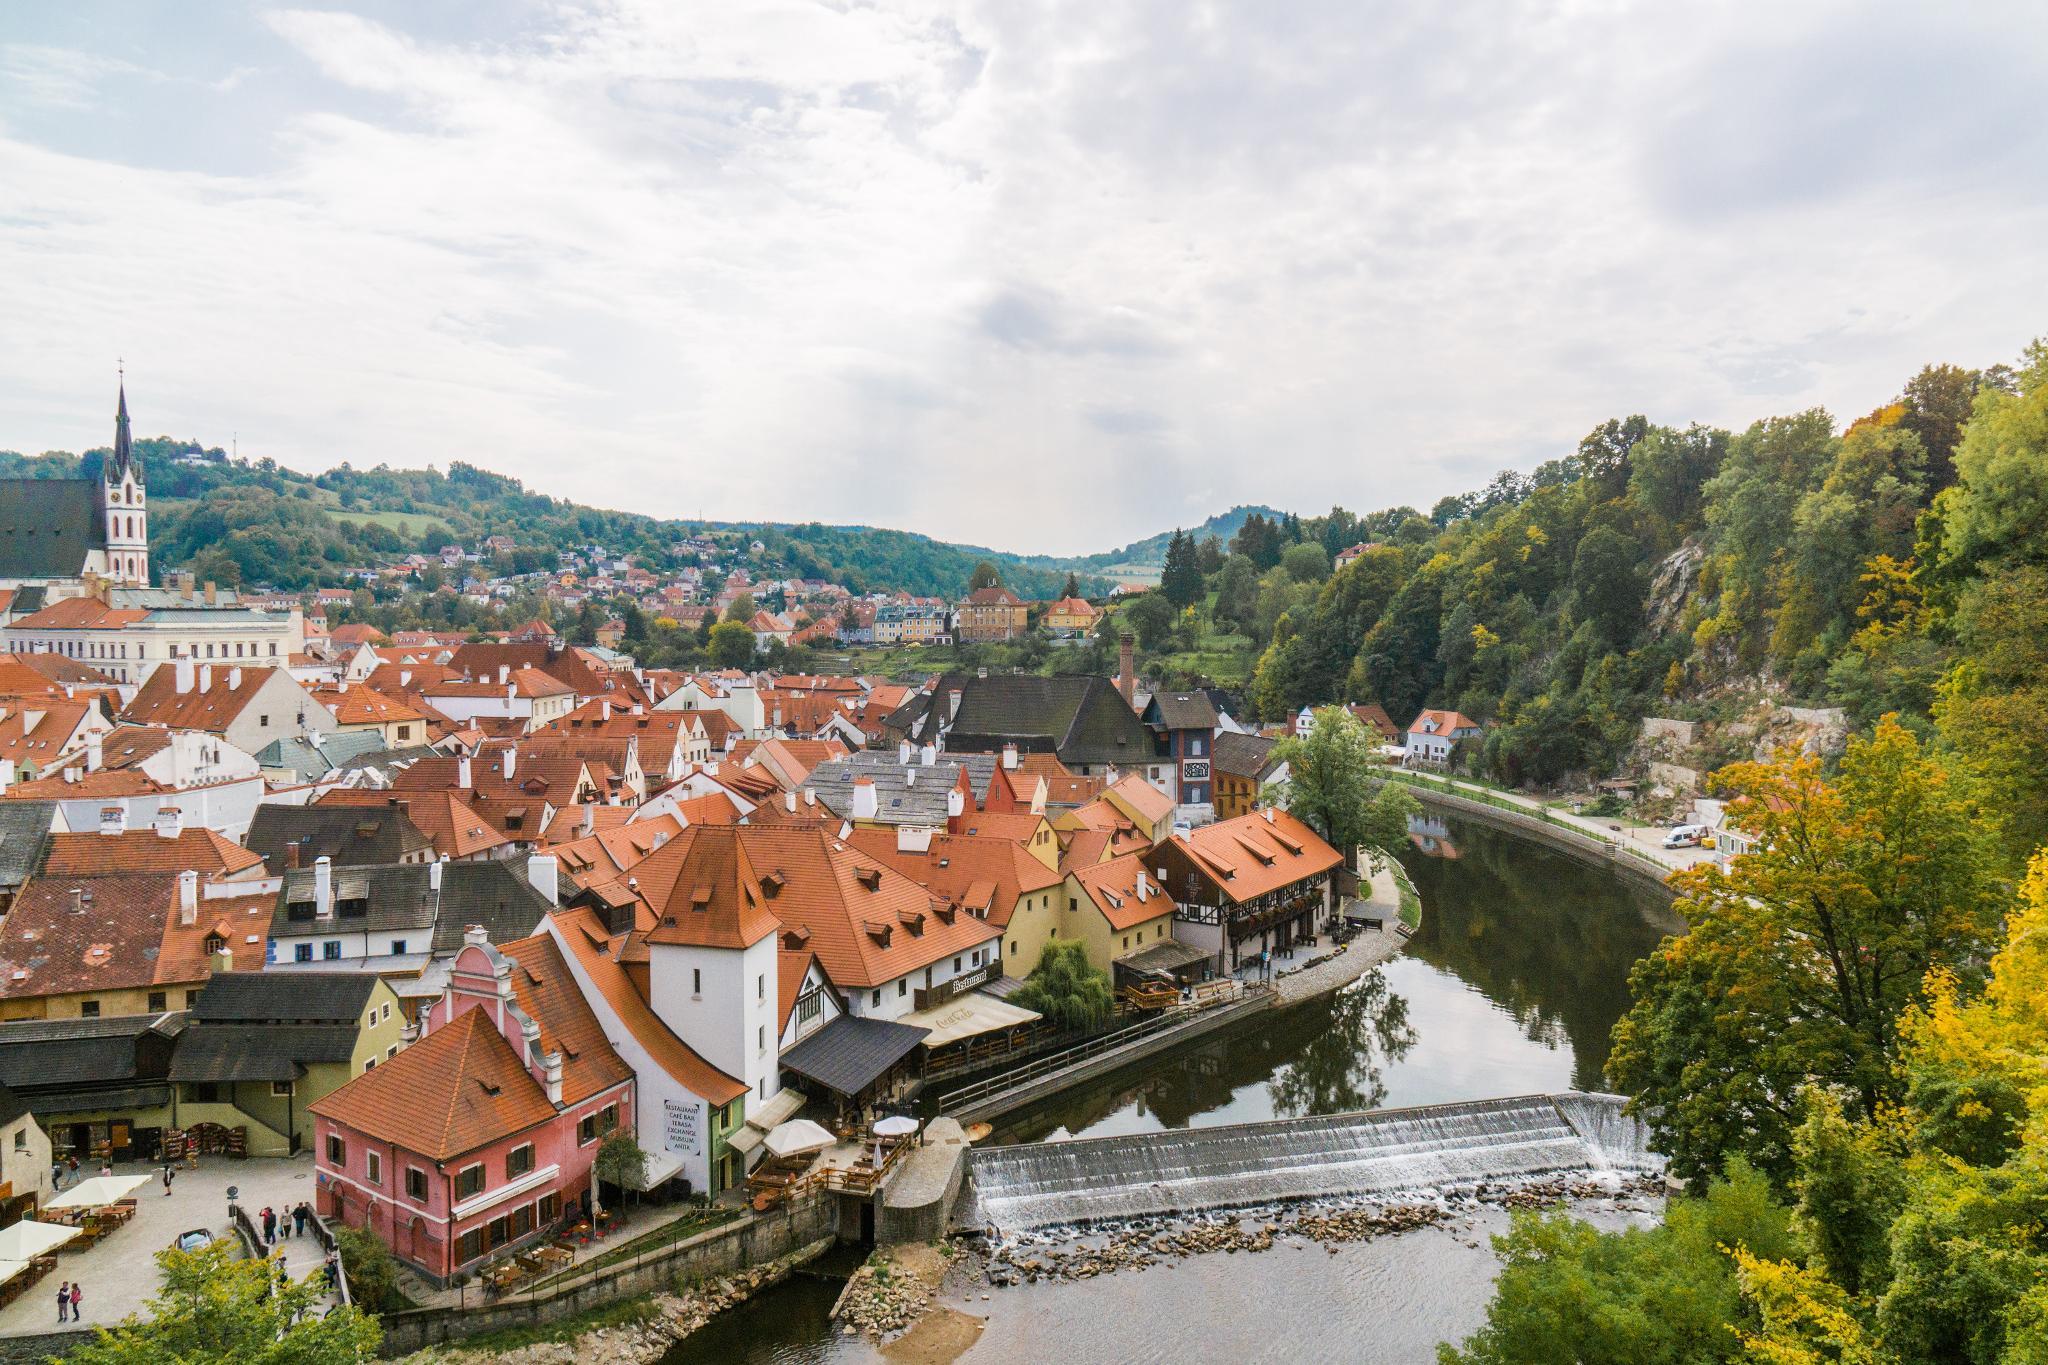 【捷克】穿越時空的波希米亞狂想曲 — Český Krumlov Castle 庫倫諾夫城堡 23